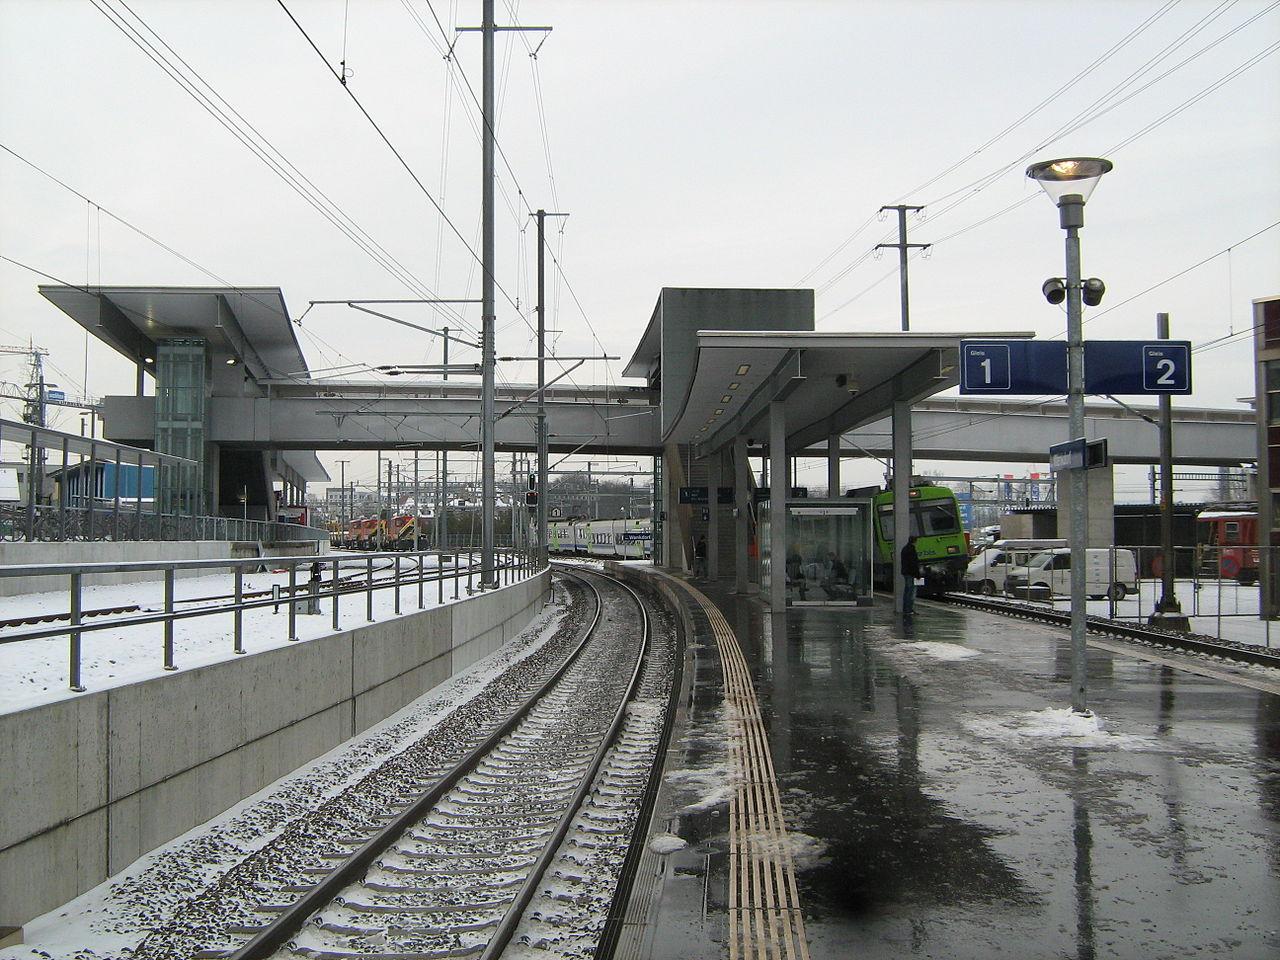 Unfall A1 Wikipedia: Zwei Frauen Beim Bahnhof Bern Wankdorf Von